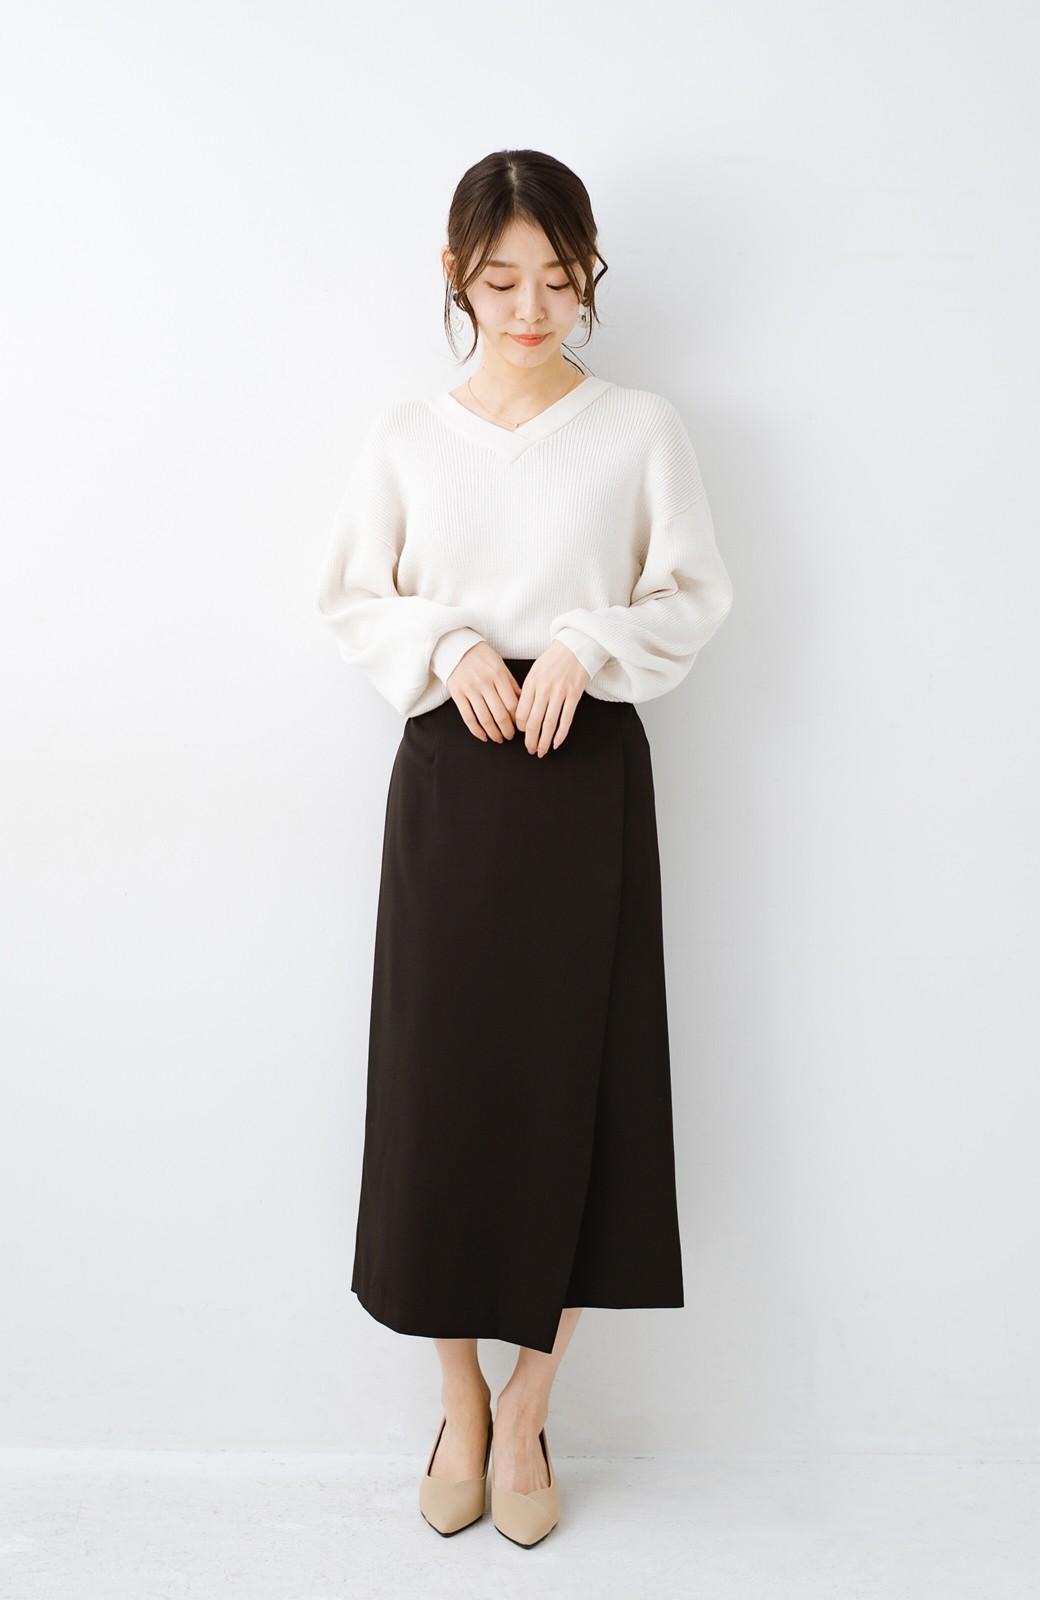 haco! いざというとき困らないための 大人のフォーマルジャケット・スカート2点セット by que made me <ブラック>の商品写真12